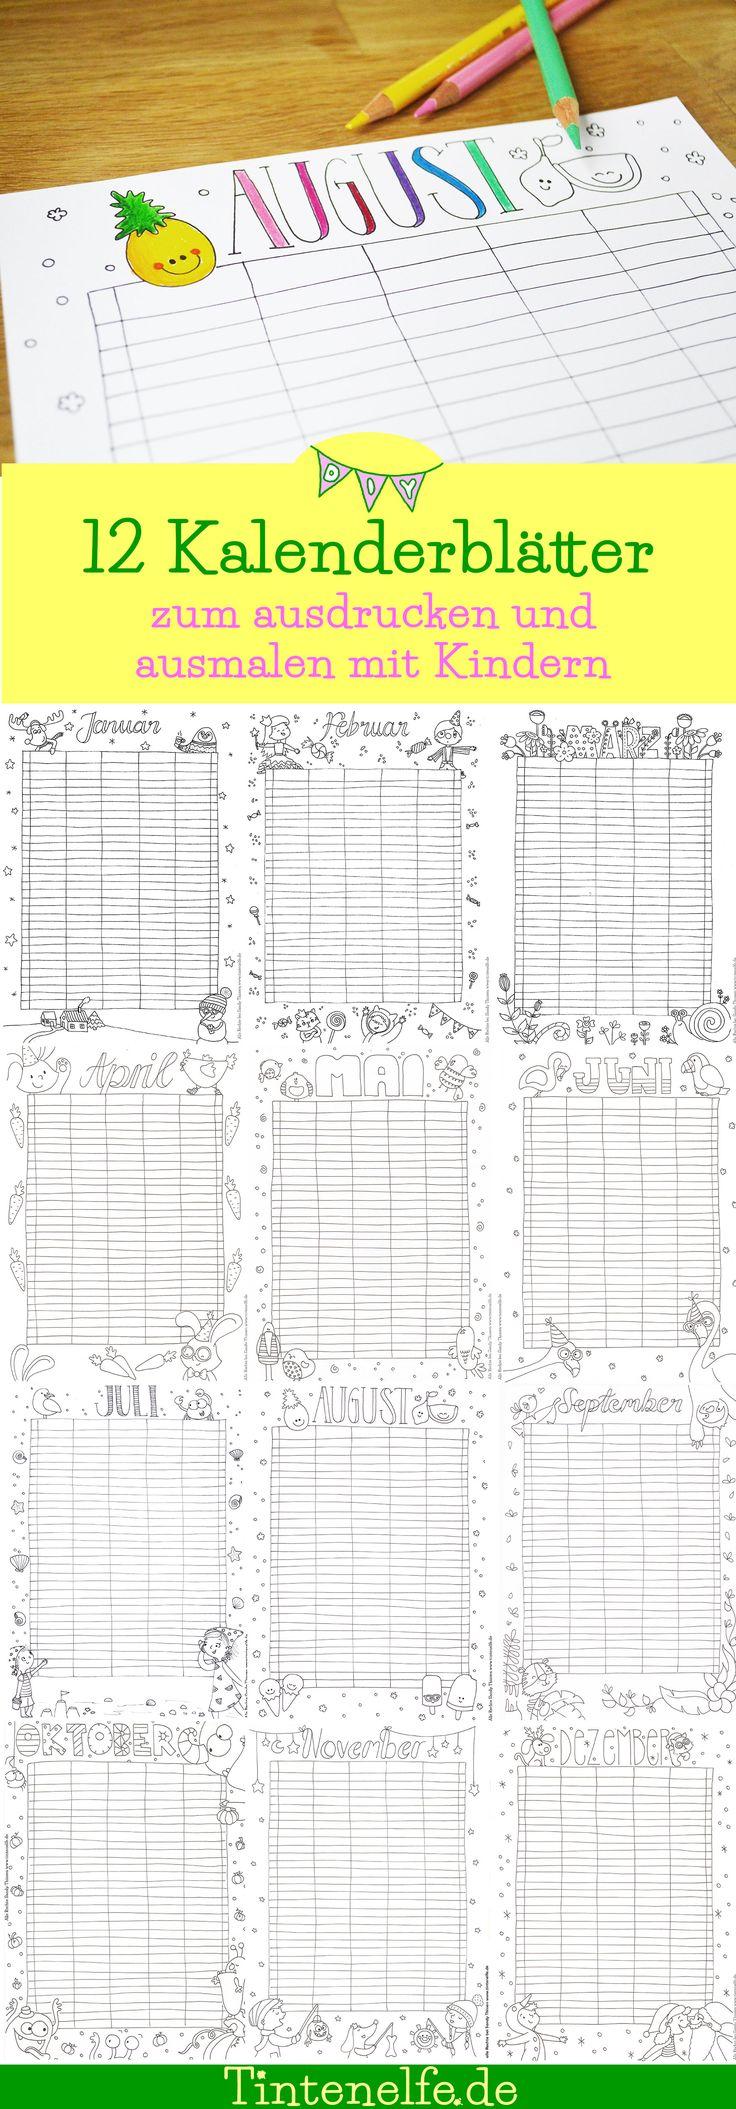 12 Kalenderblätter zum ausdrucken und ausmalen. Für Erwachsene und Kinder. Jeder Monat ist zum selber eintragen, sodass die Kalenderblätter unabhängig vom Jahr sind. Ein Kalender der also zu jeder Zeit ausdruckbar ist. Kostenlos runterladen und drauf los malen auf dem Blog Tintenelfe.de